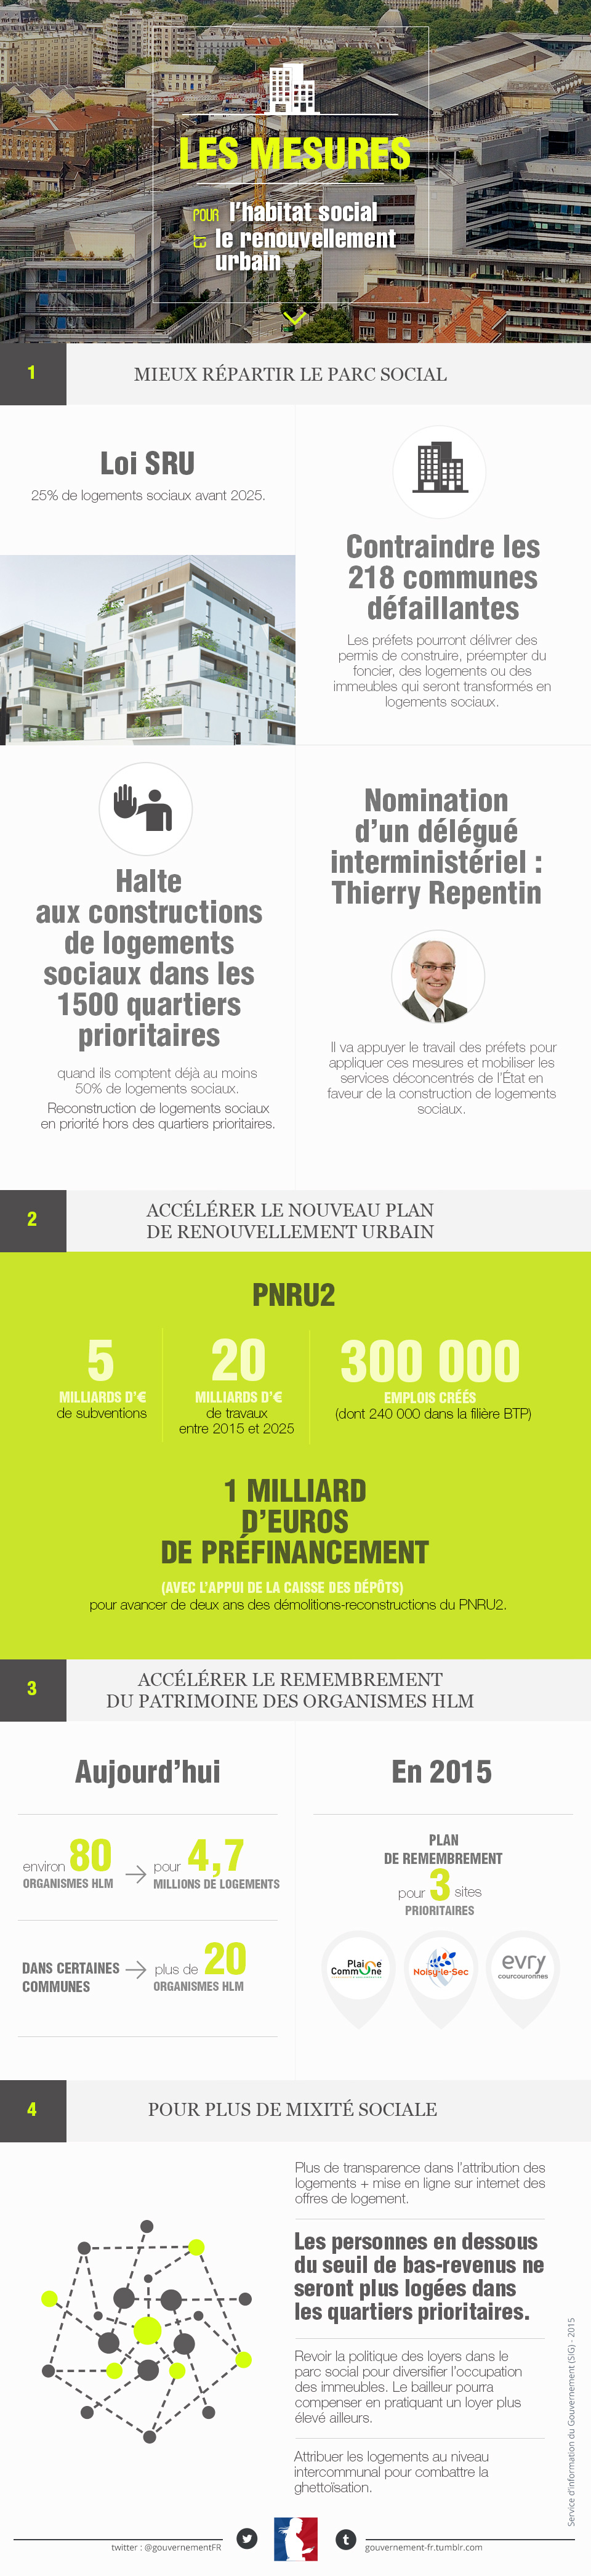 Infographie sur les mesures pour l'habitat social et le renouvellement urbain - voir en plus grand